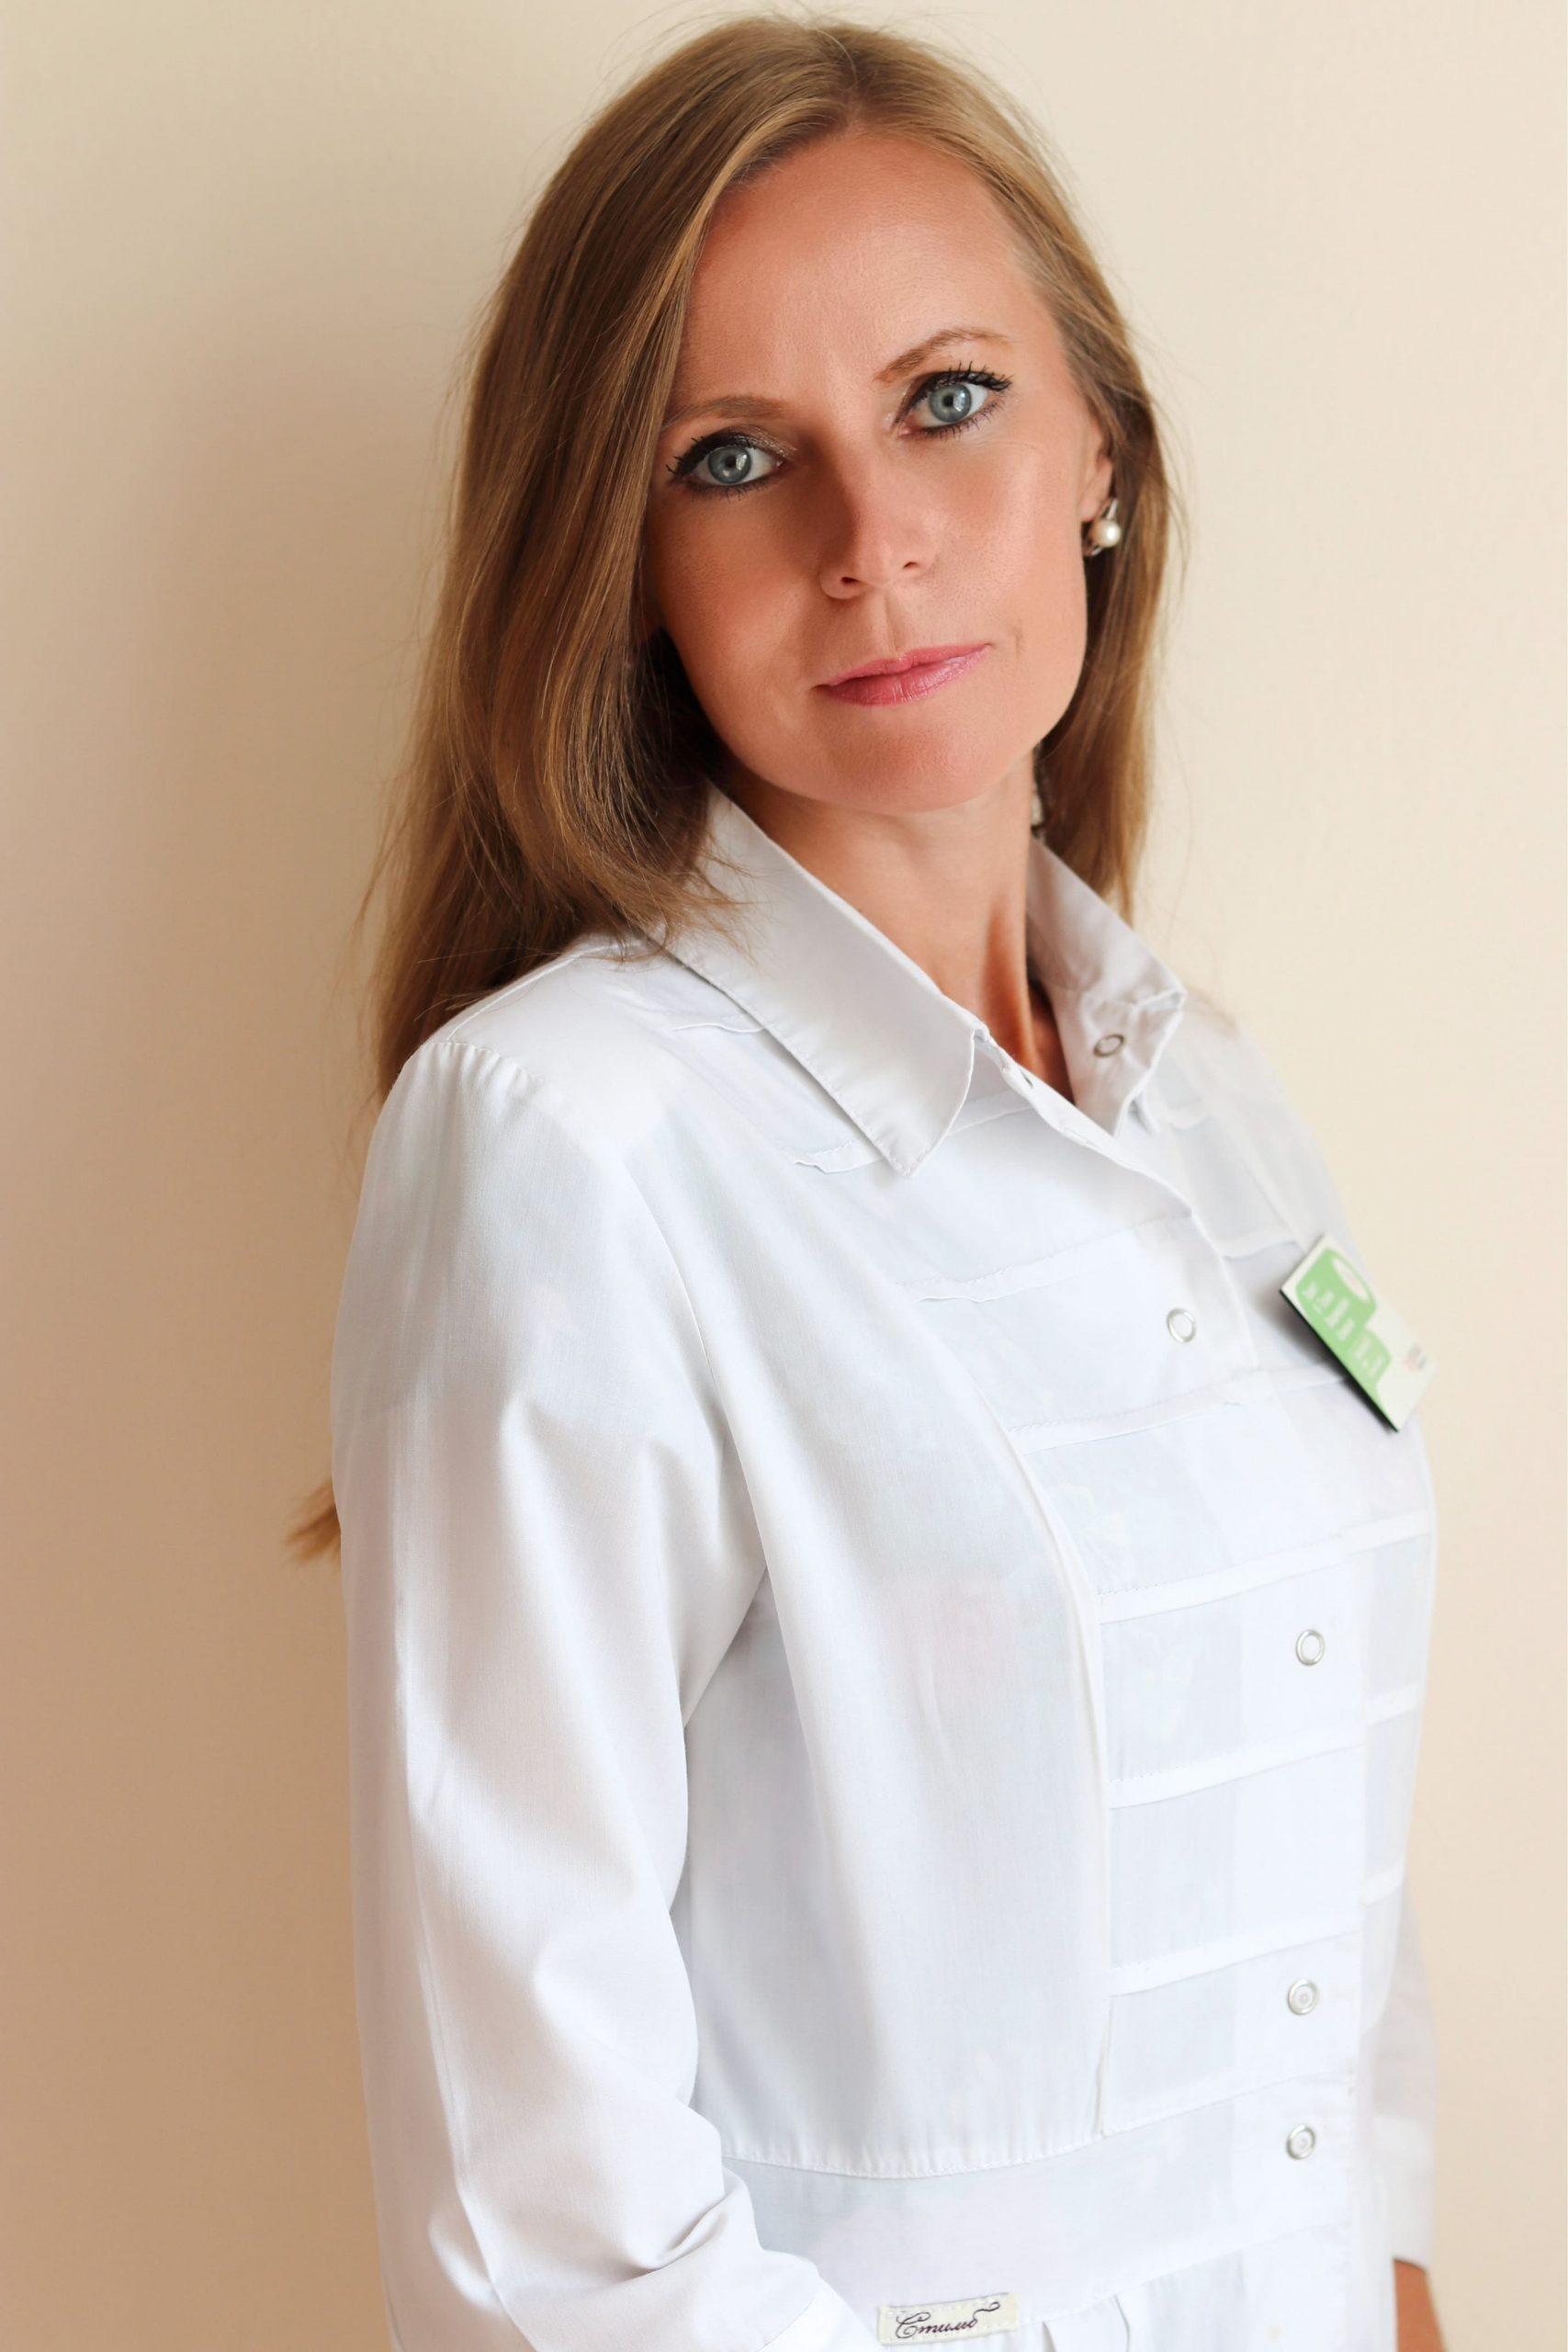 Татьяна Владимировна Кожевина